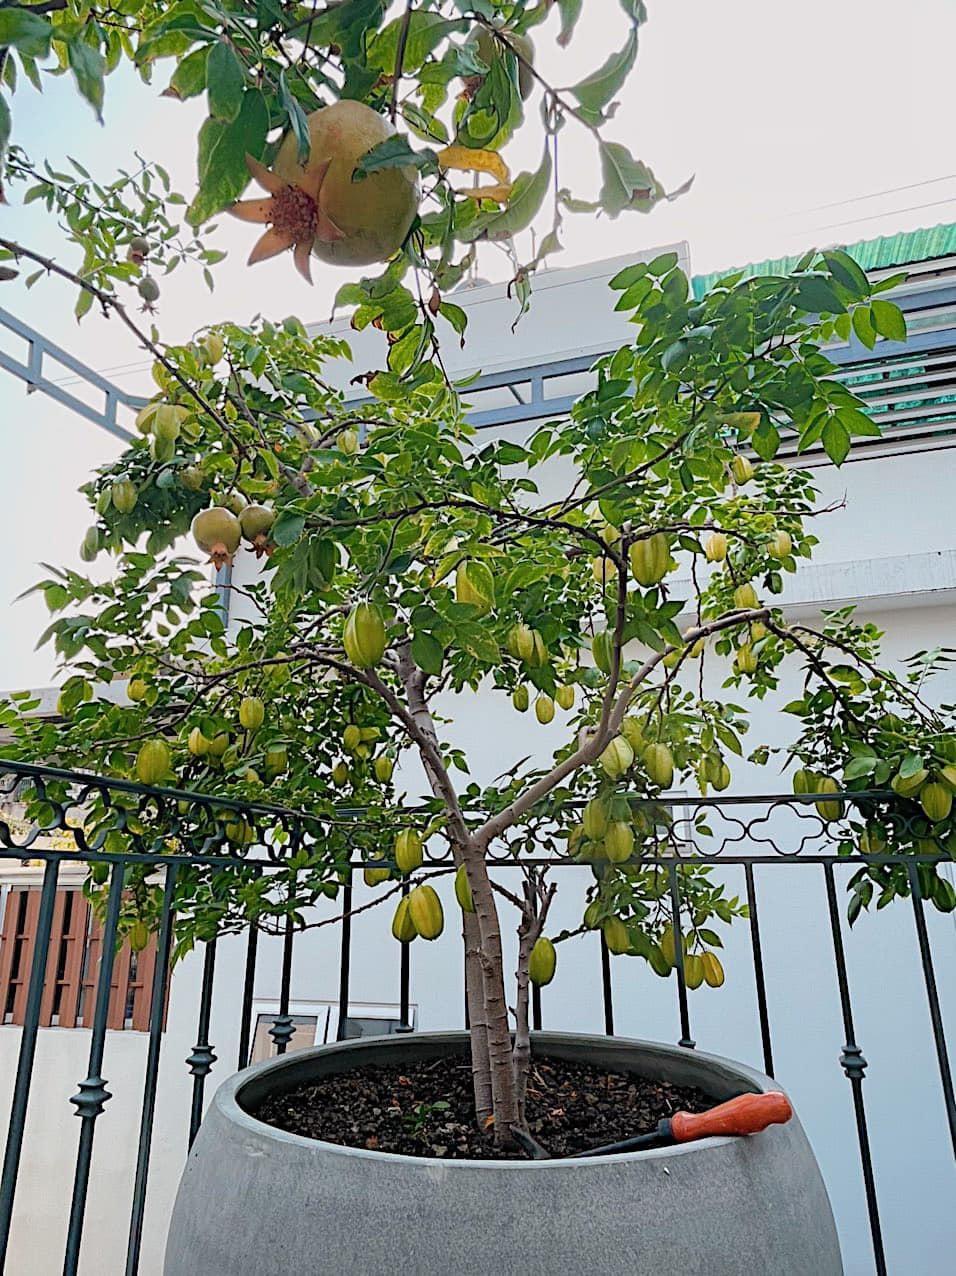 Mát mắt với nhà phố ở Sài Gòn ngập cây xanh, trĩu trịt hoa trái - 6